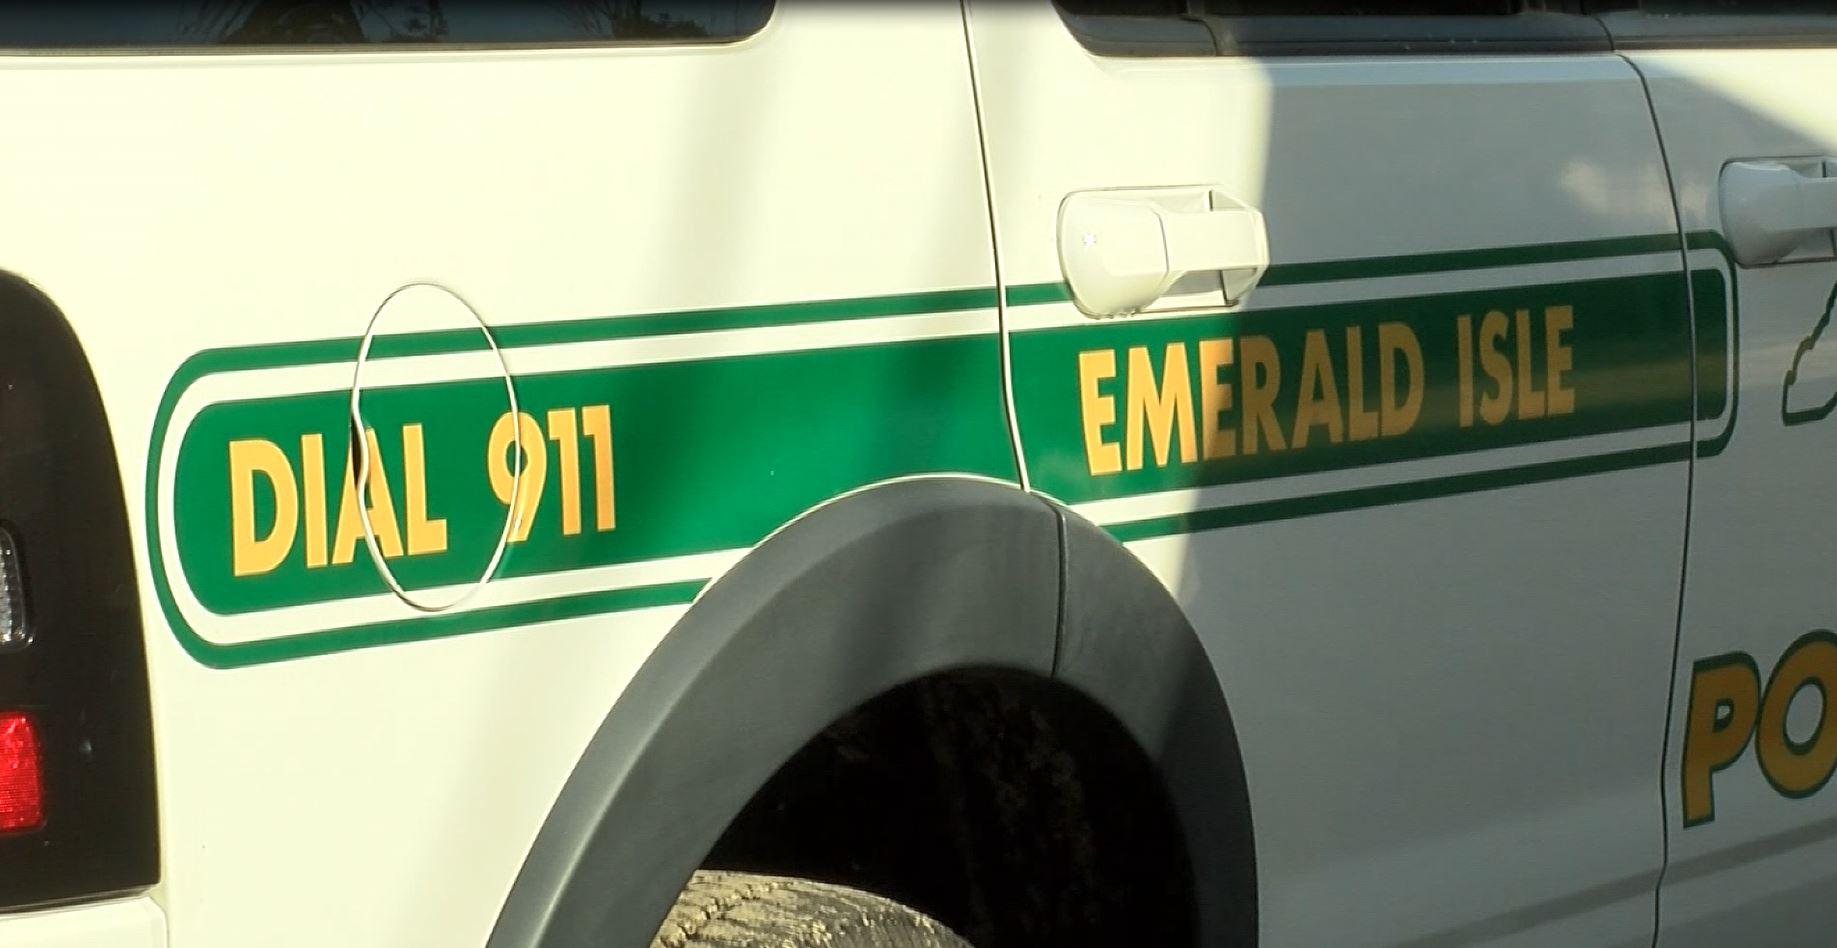 Emerald Isle police_1521759251890.JPG.jpg